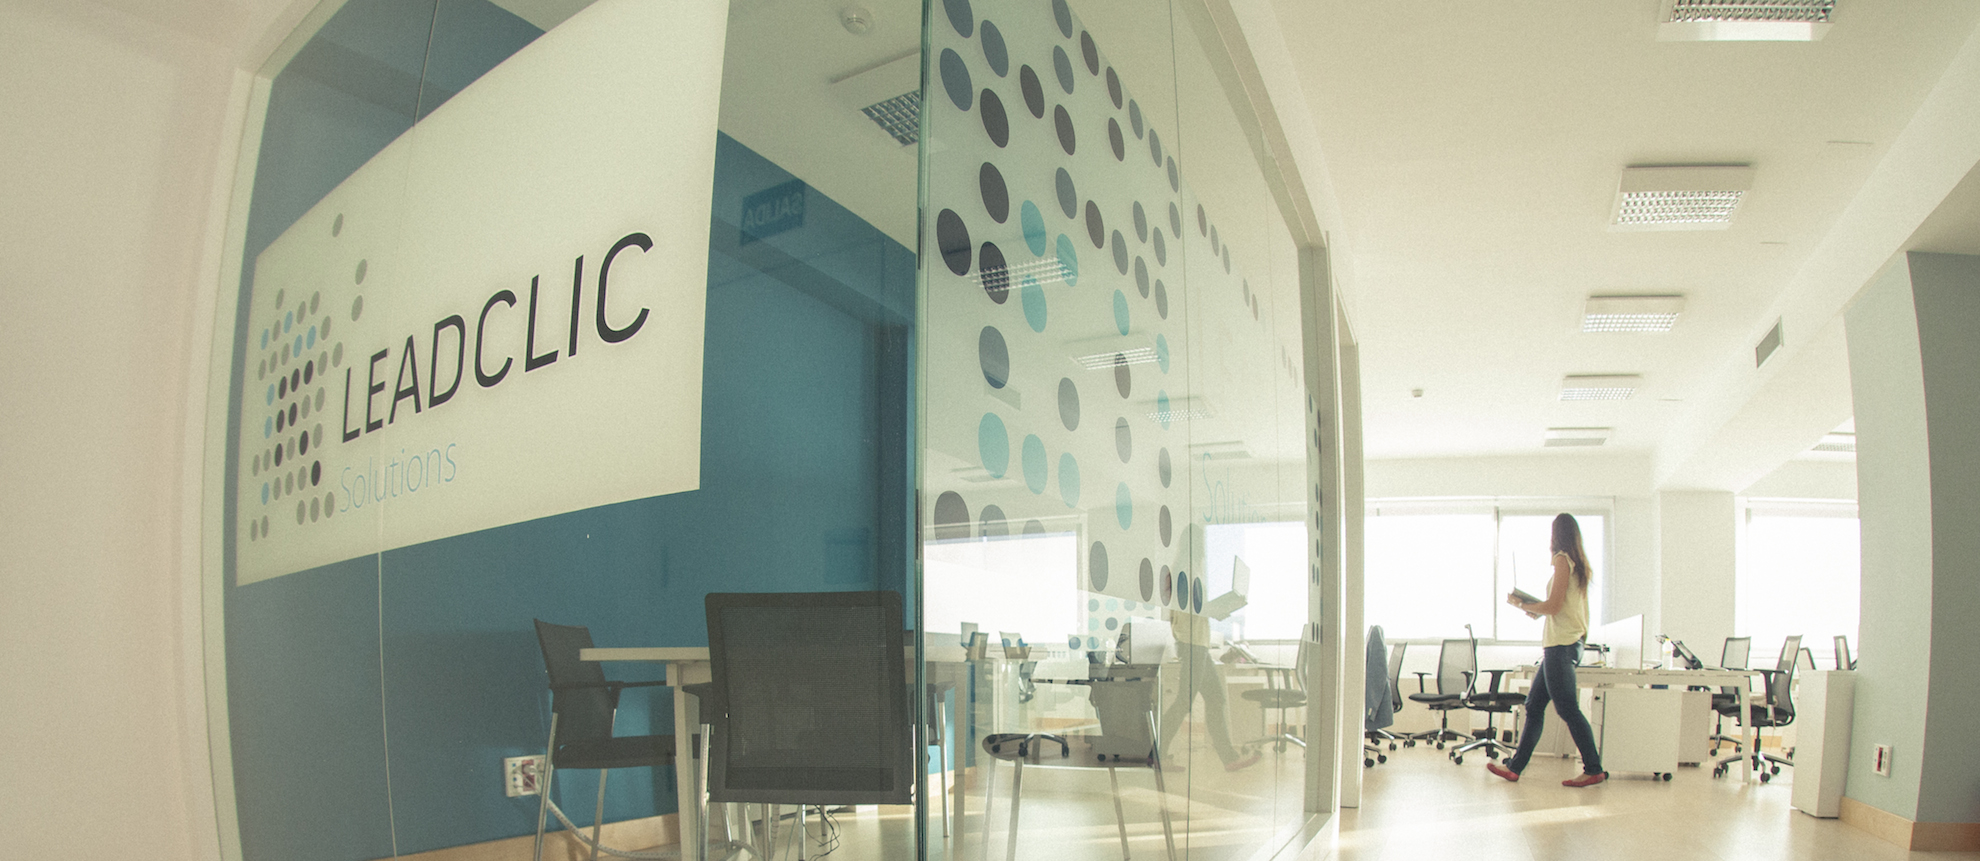 Consultoría Salesforce LeadClic Formación